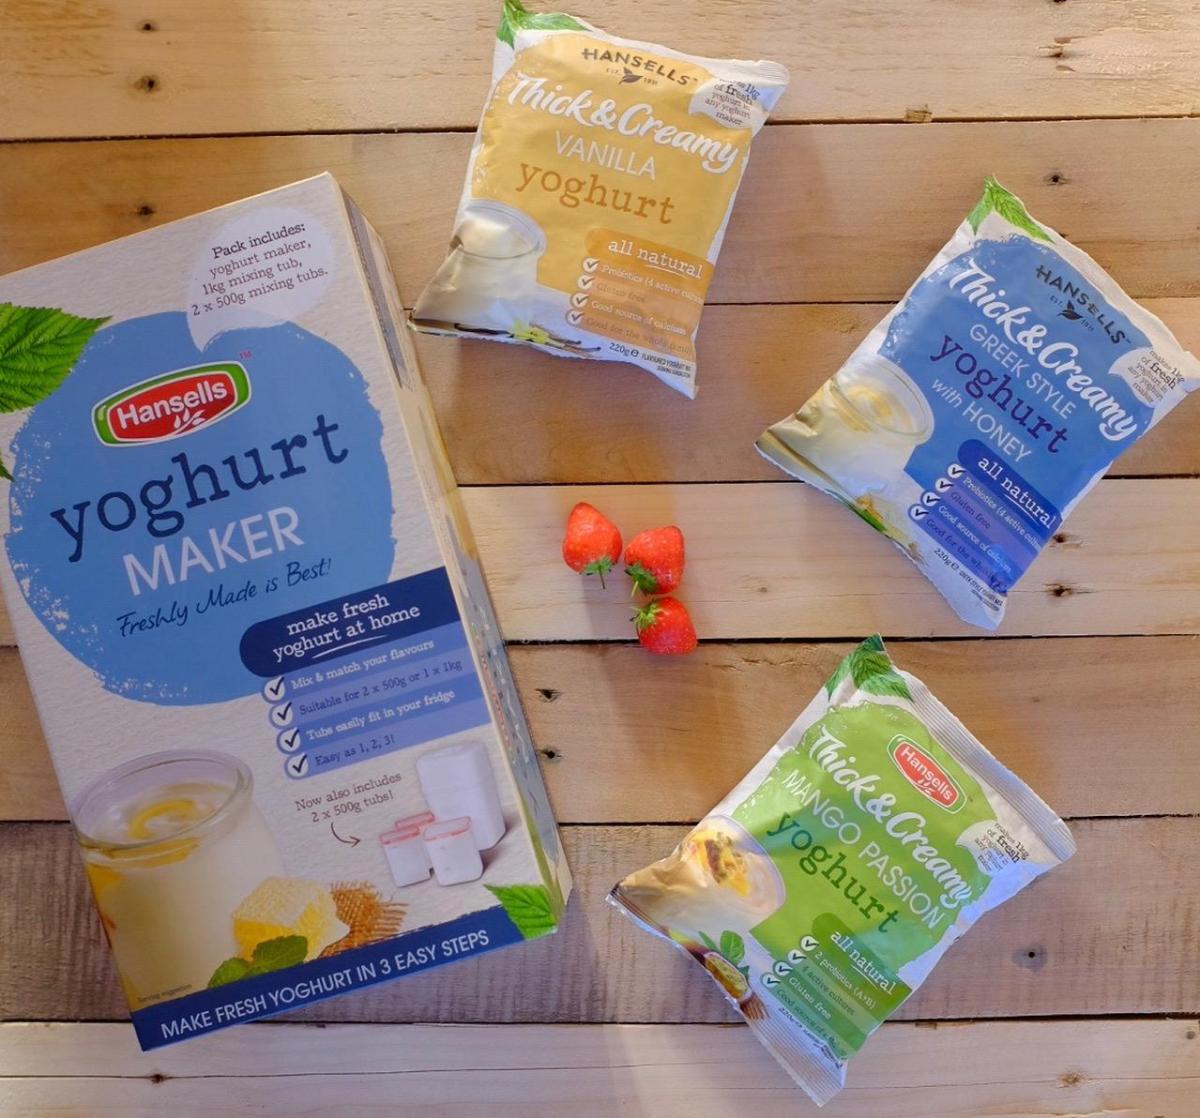 Hansells Yoghurt Maker and packs